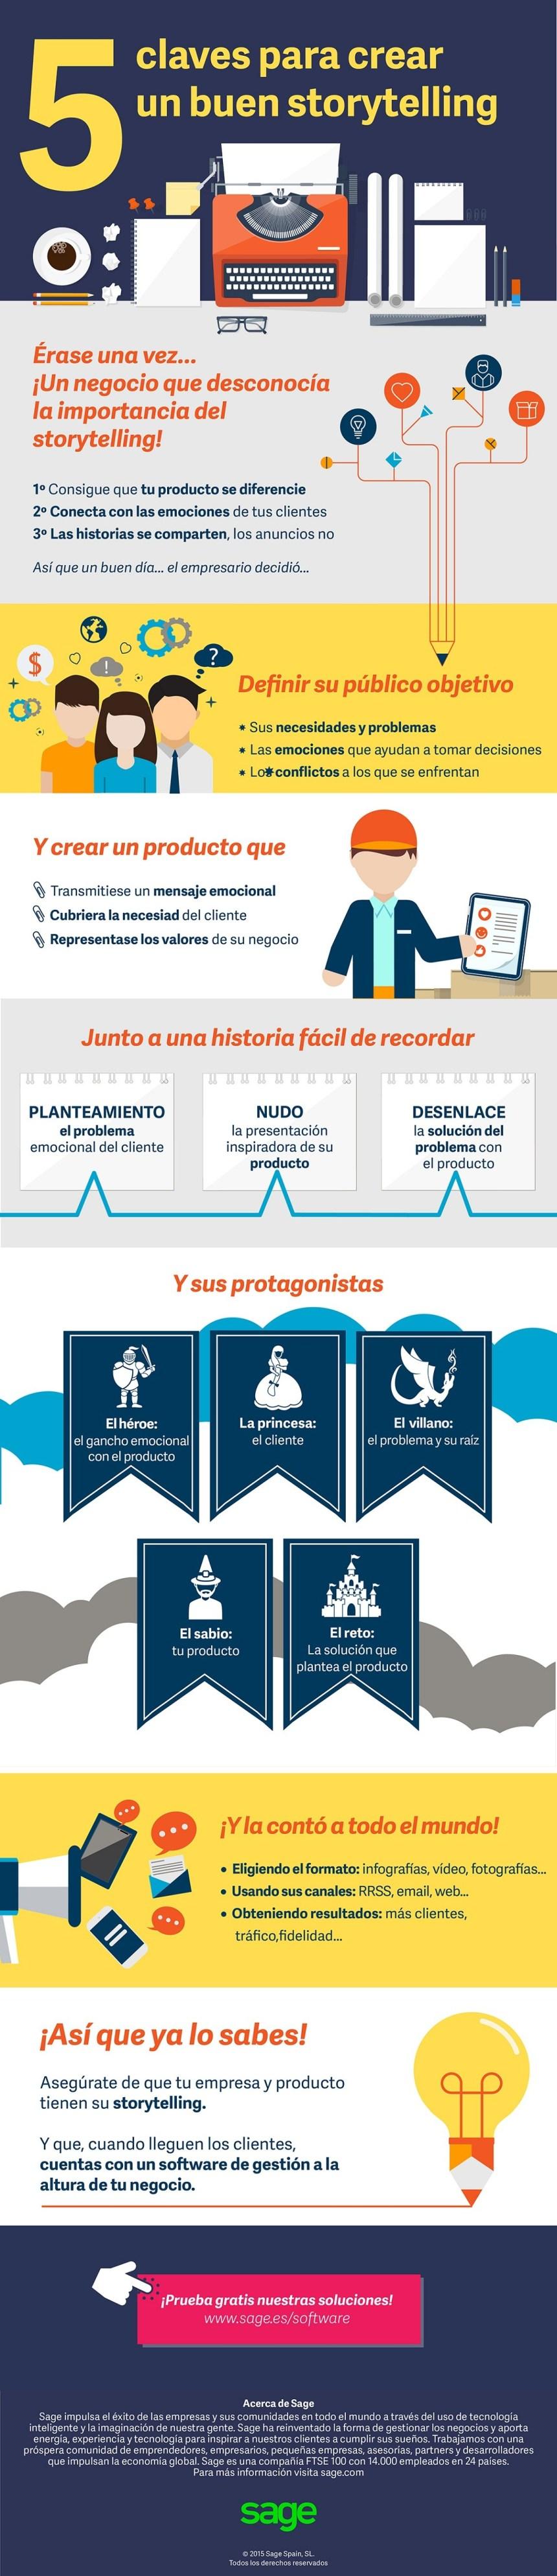 5-claves-para-crear-un-buen-storytelling-infografia